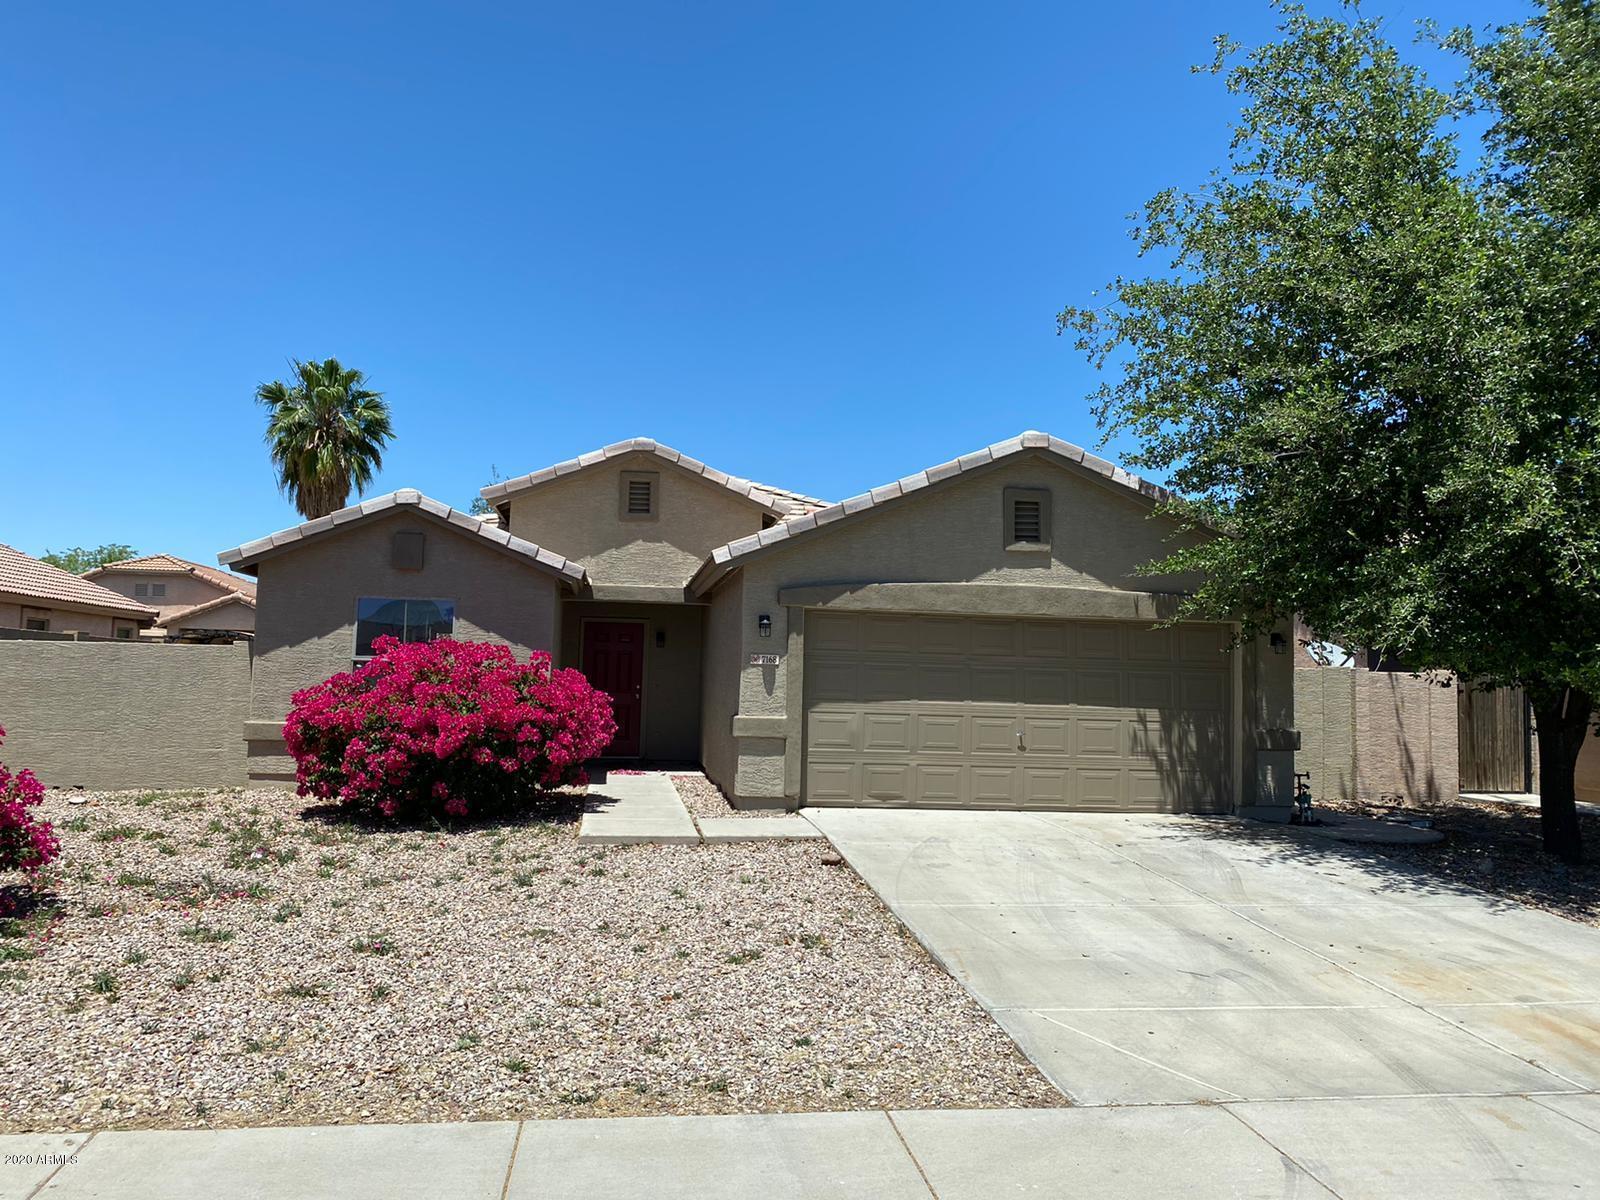 Photo of 7168 W CLAREMONT Street, Glendale, AZ 85303